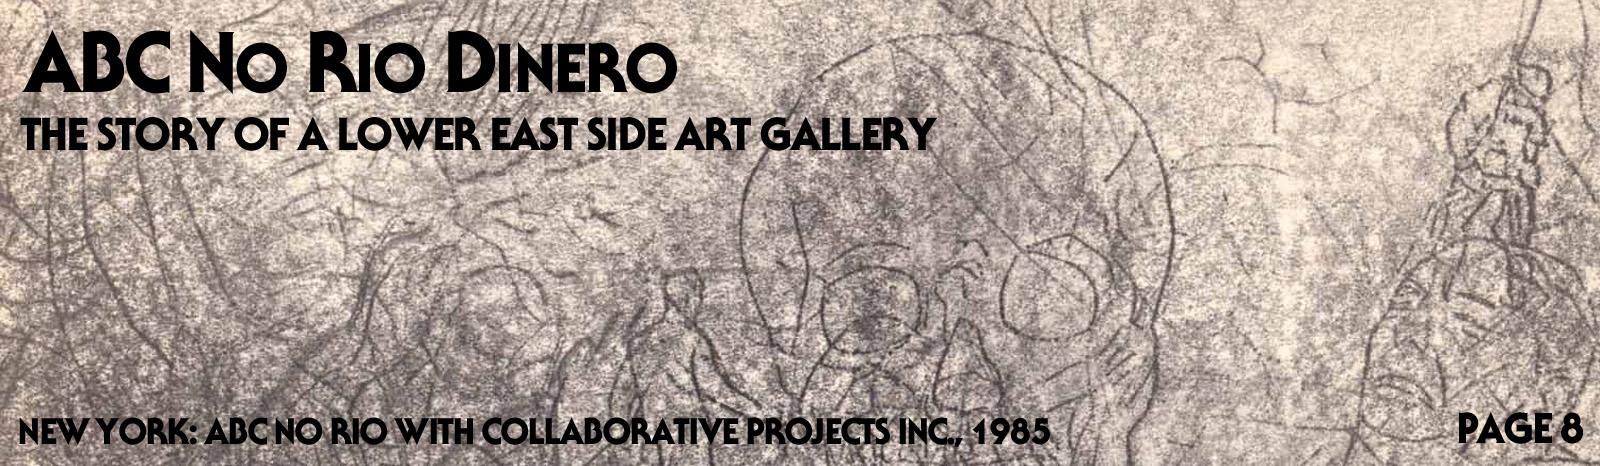 abc-no-rio-page-cover-8.jpg